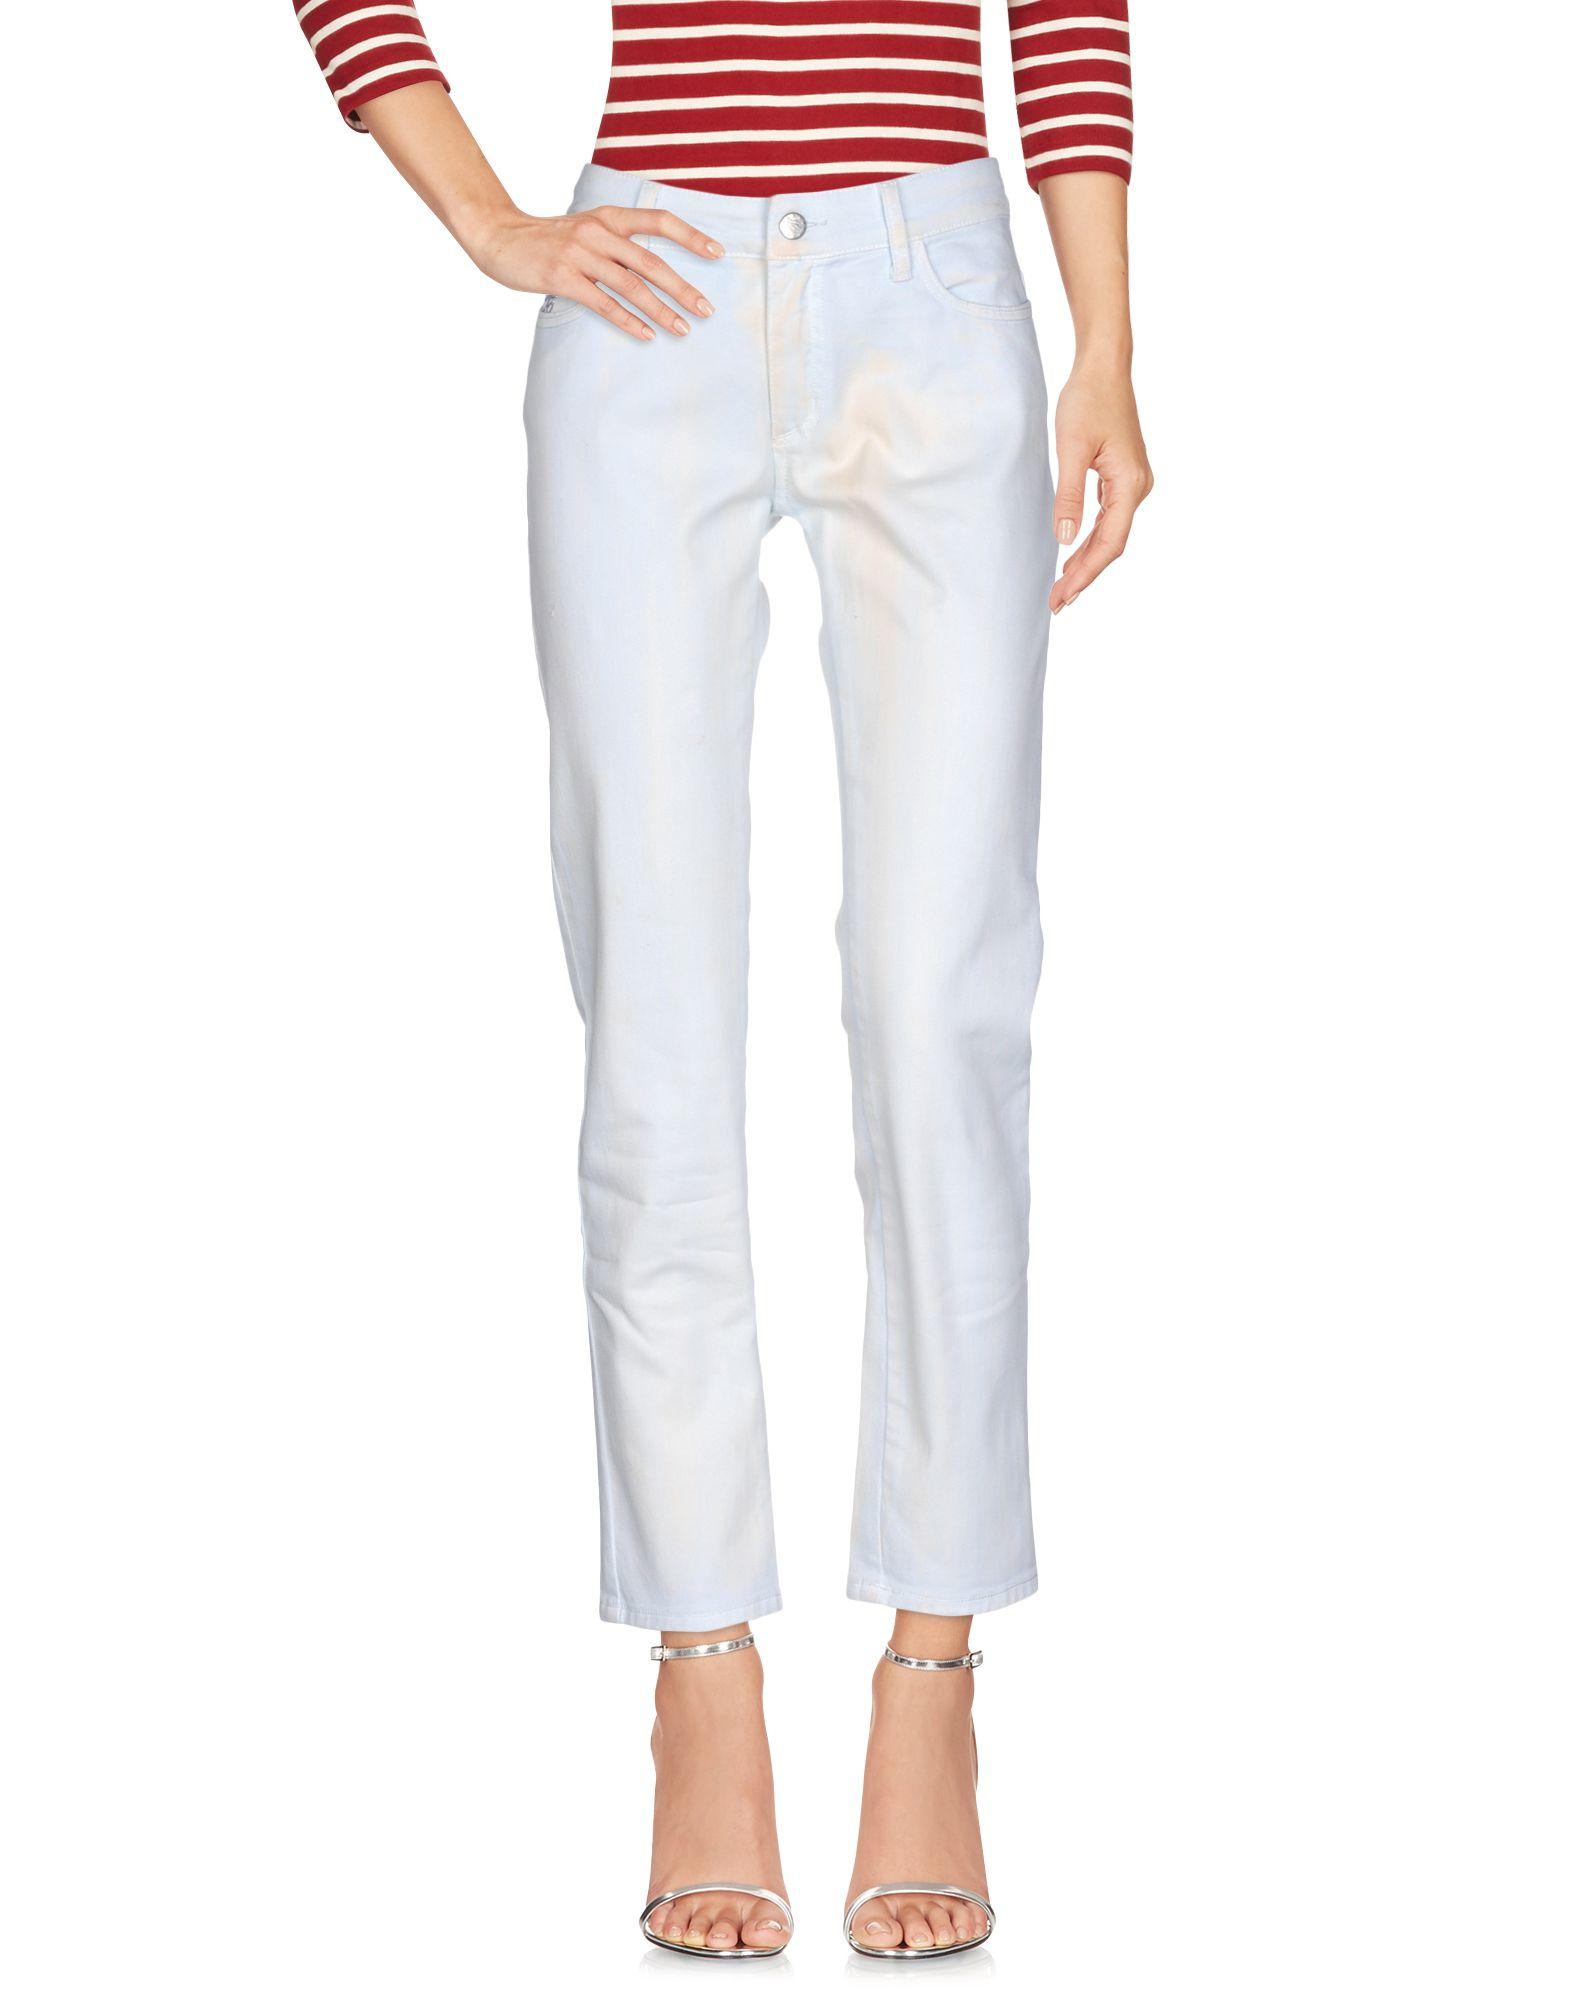 BLUMARINE Джинсовые брюки женские брюки лэйт светлый размер 56